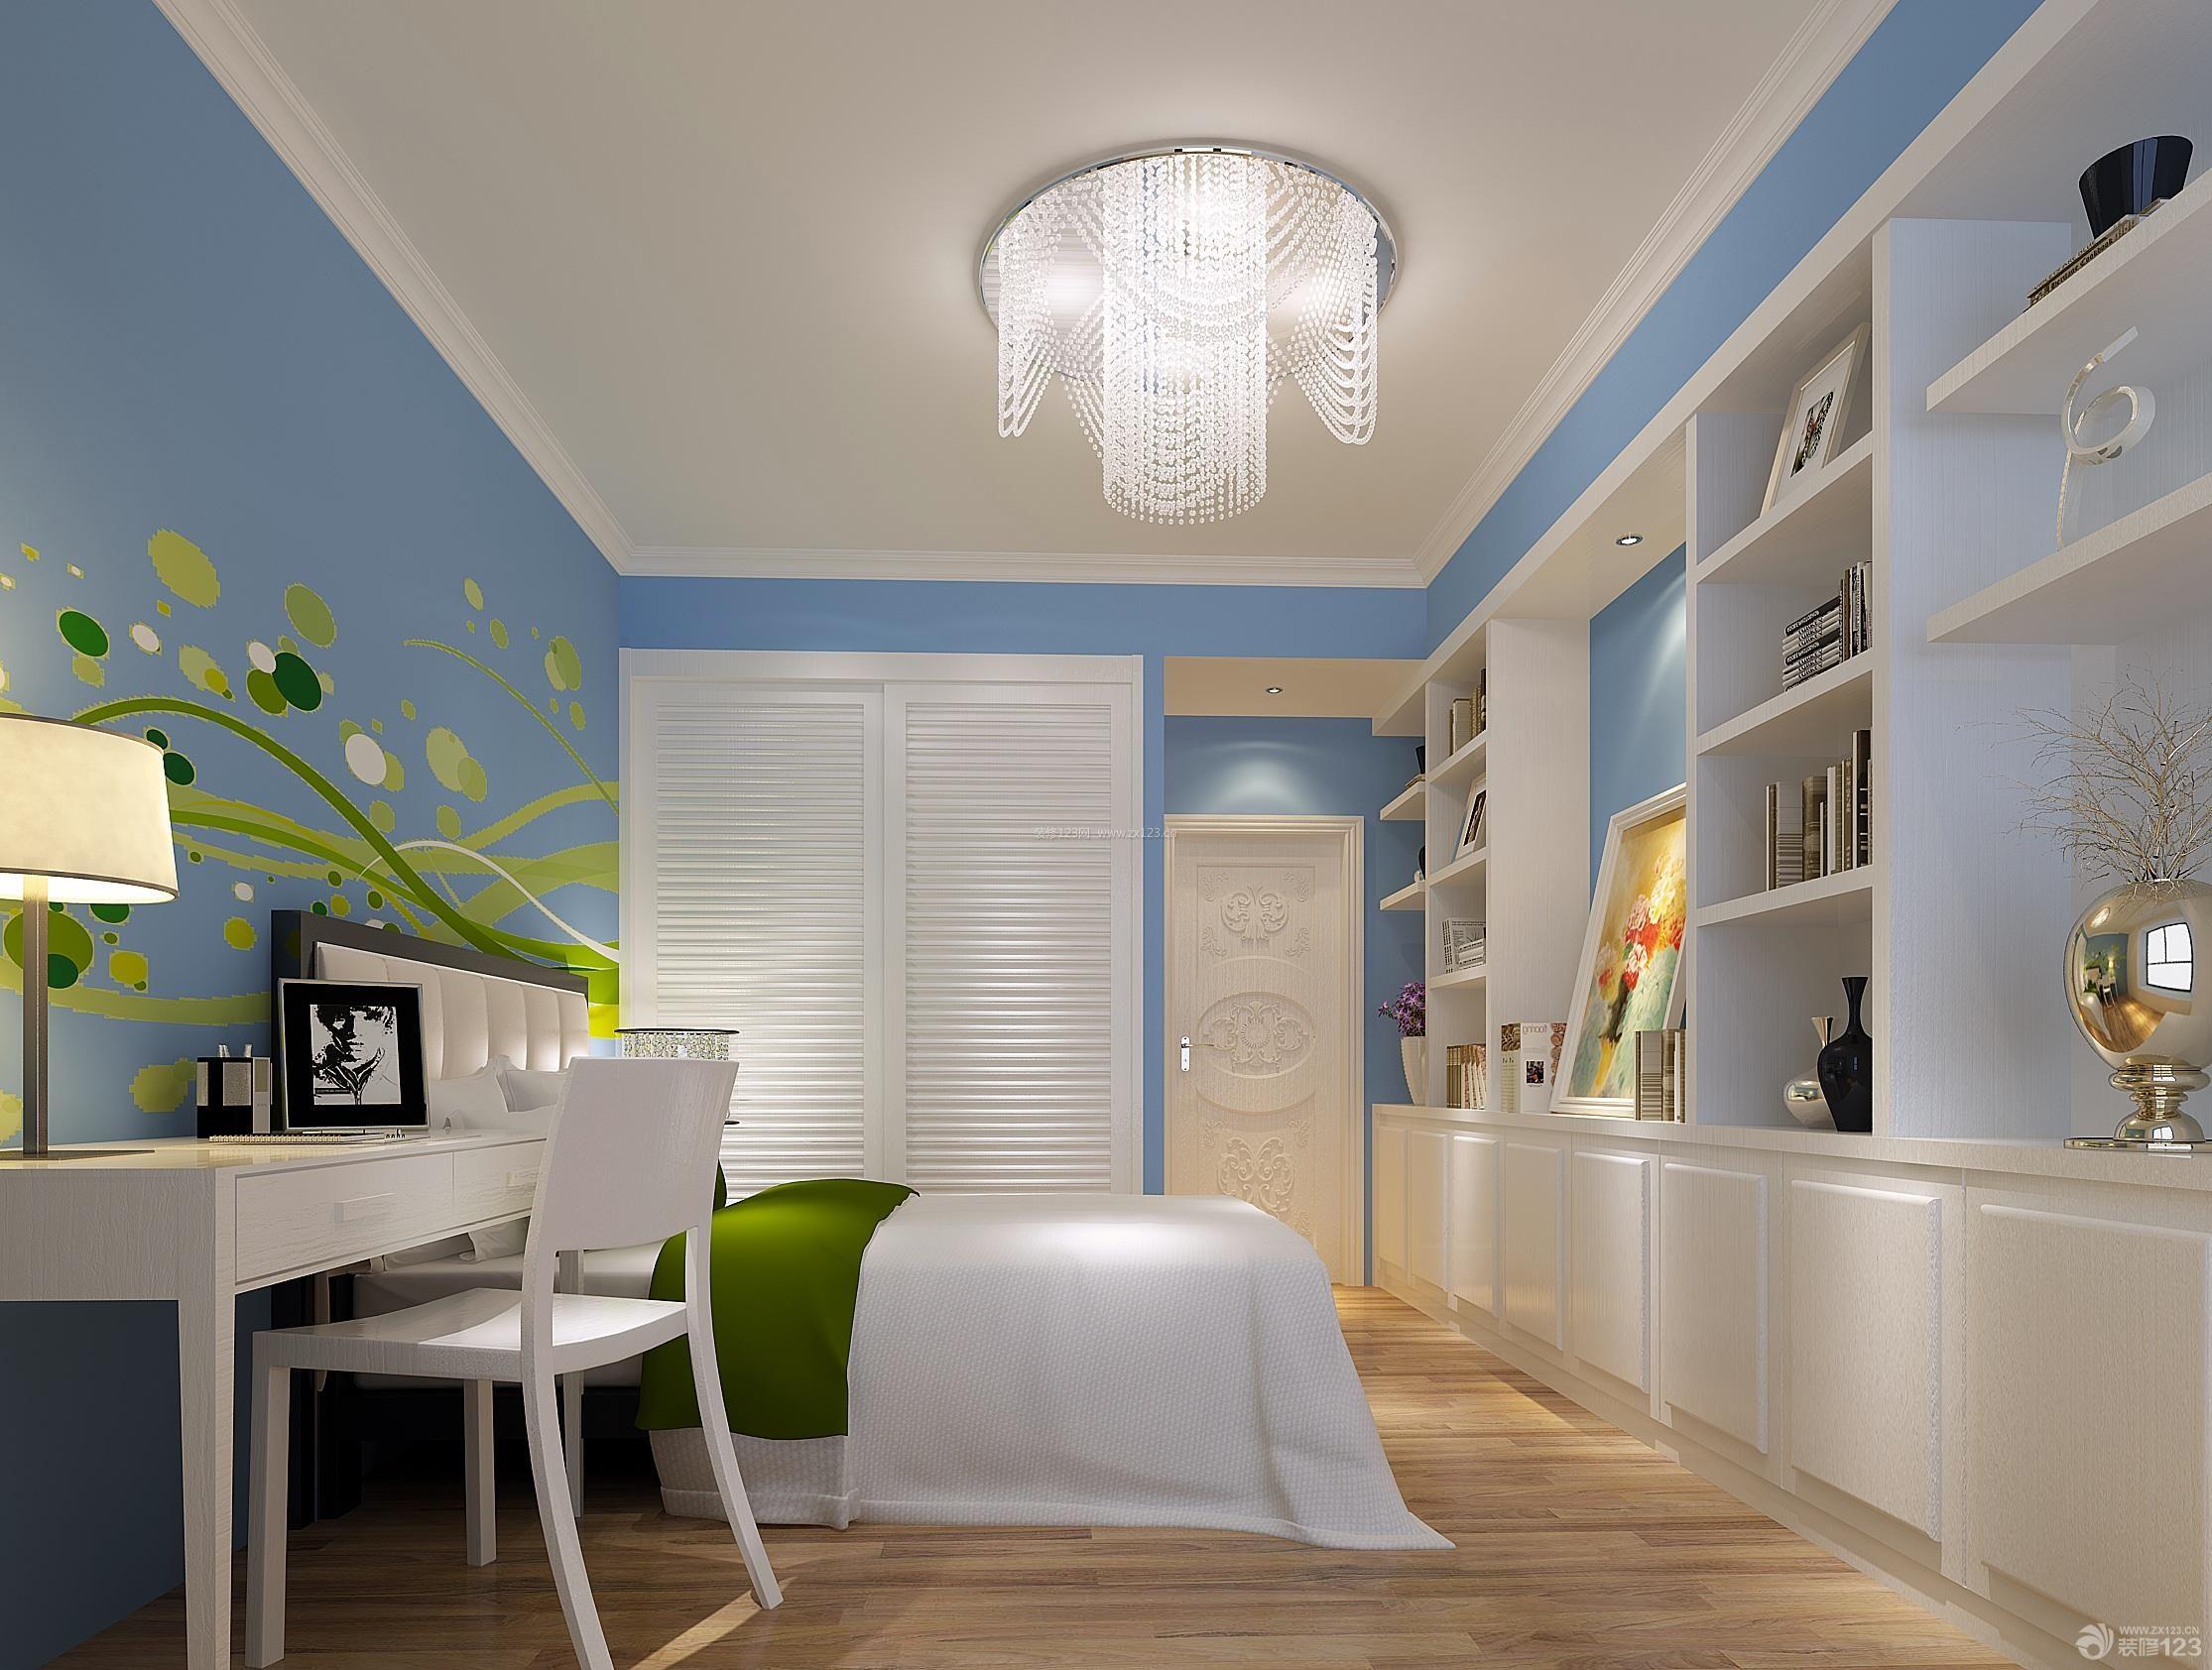 20平米卧室颜色装修室内水晶灯设计图